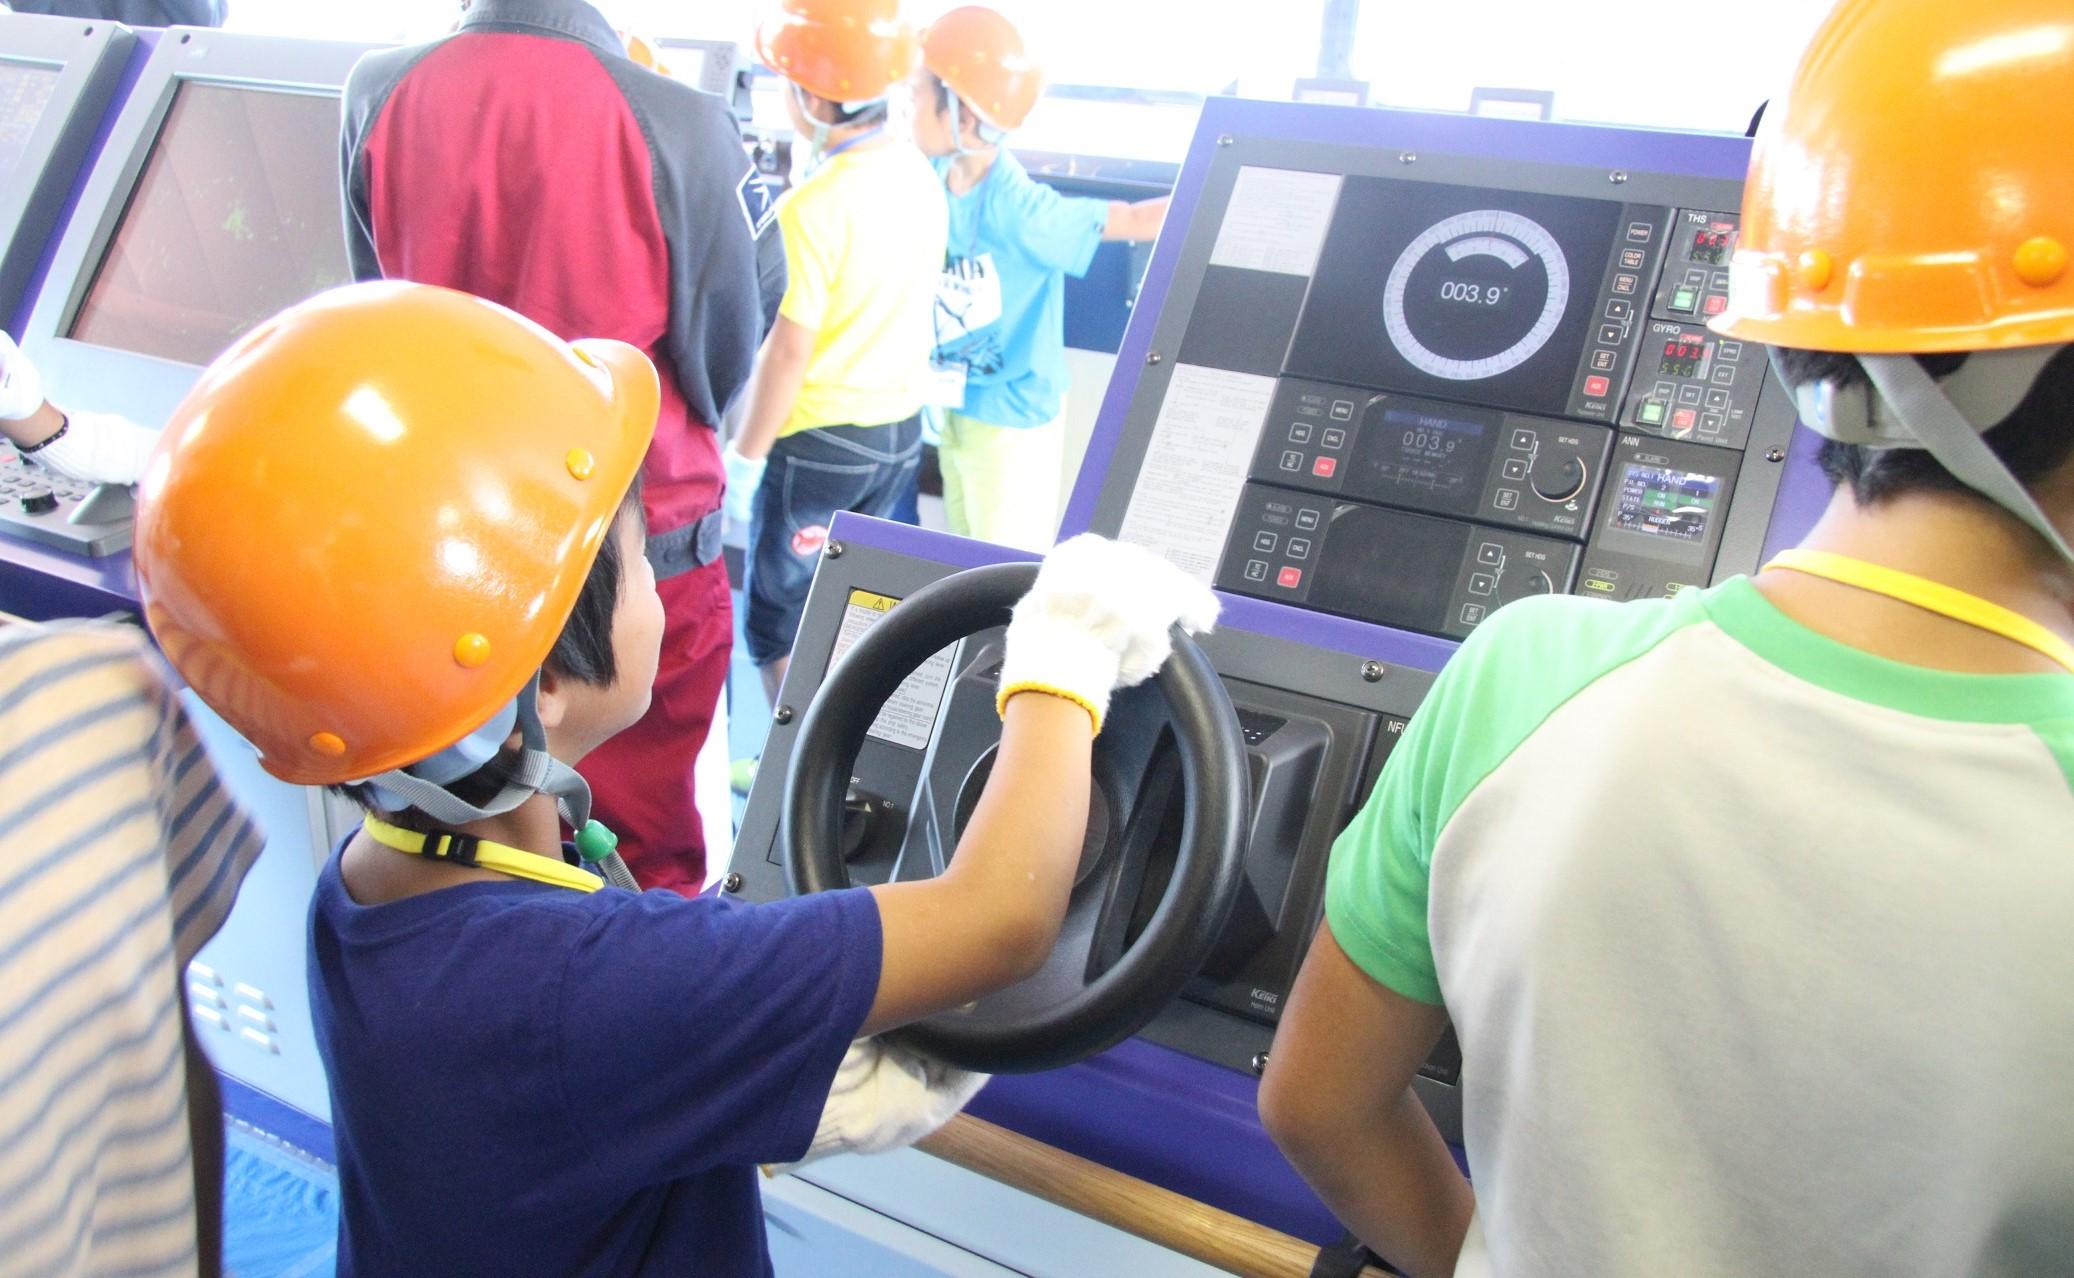 常石造船株式会社が「こども職場参観日」を開催